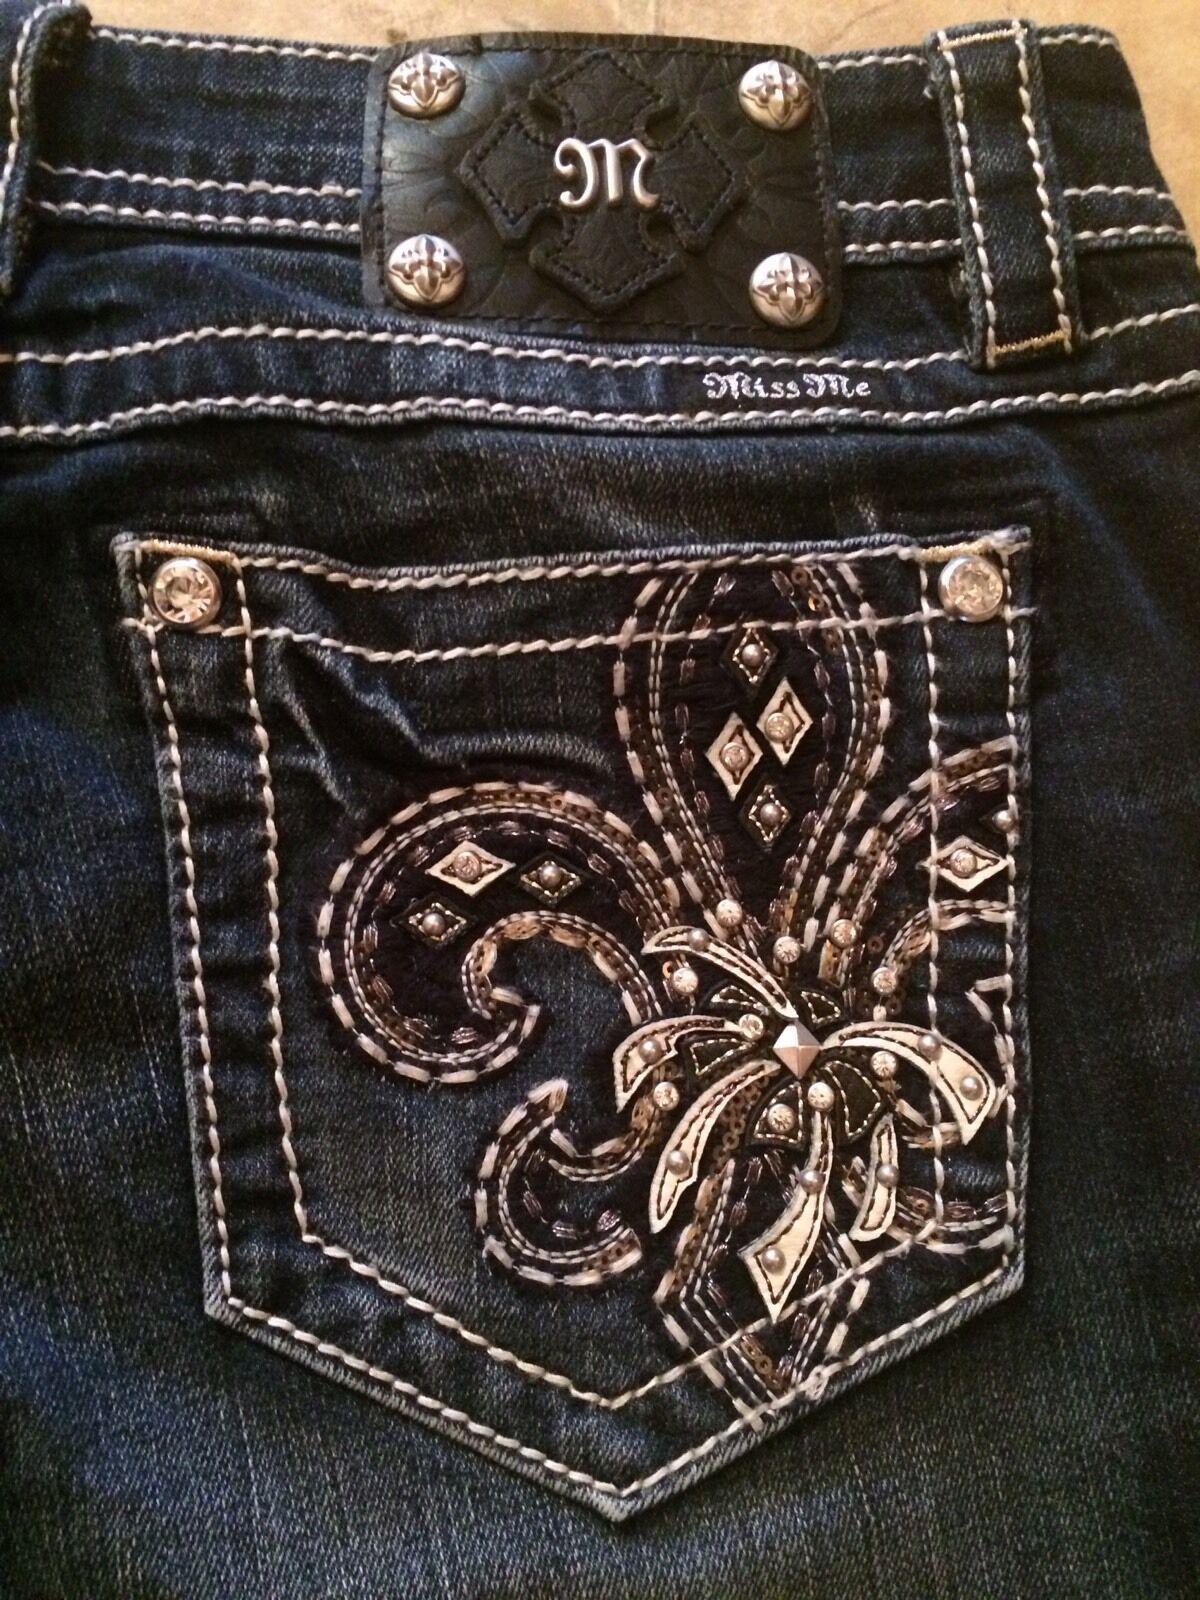 MISS ME Jeans 30 Dark bluee Boot Cut Sz 30 x 34 Ins Studded Fleur de Lis Applique